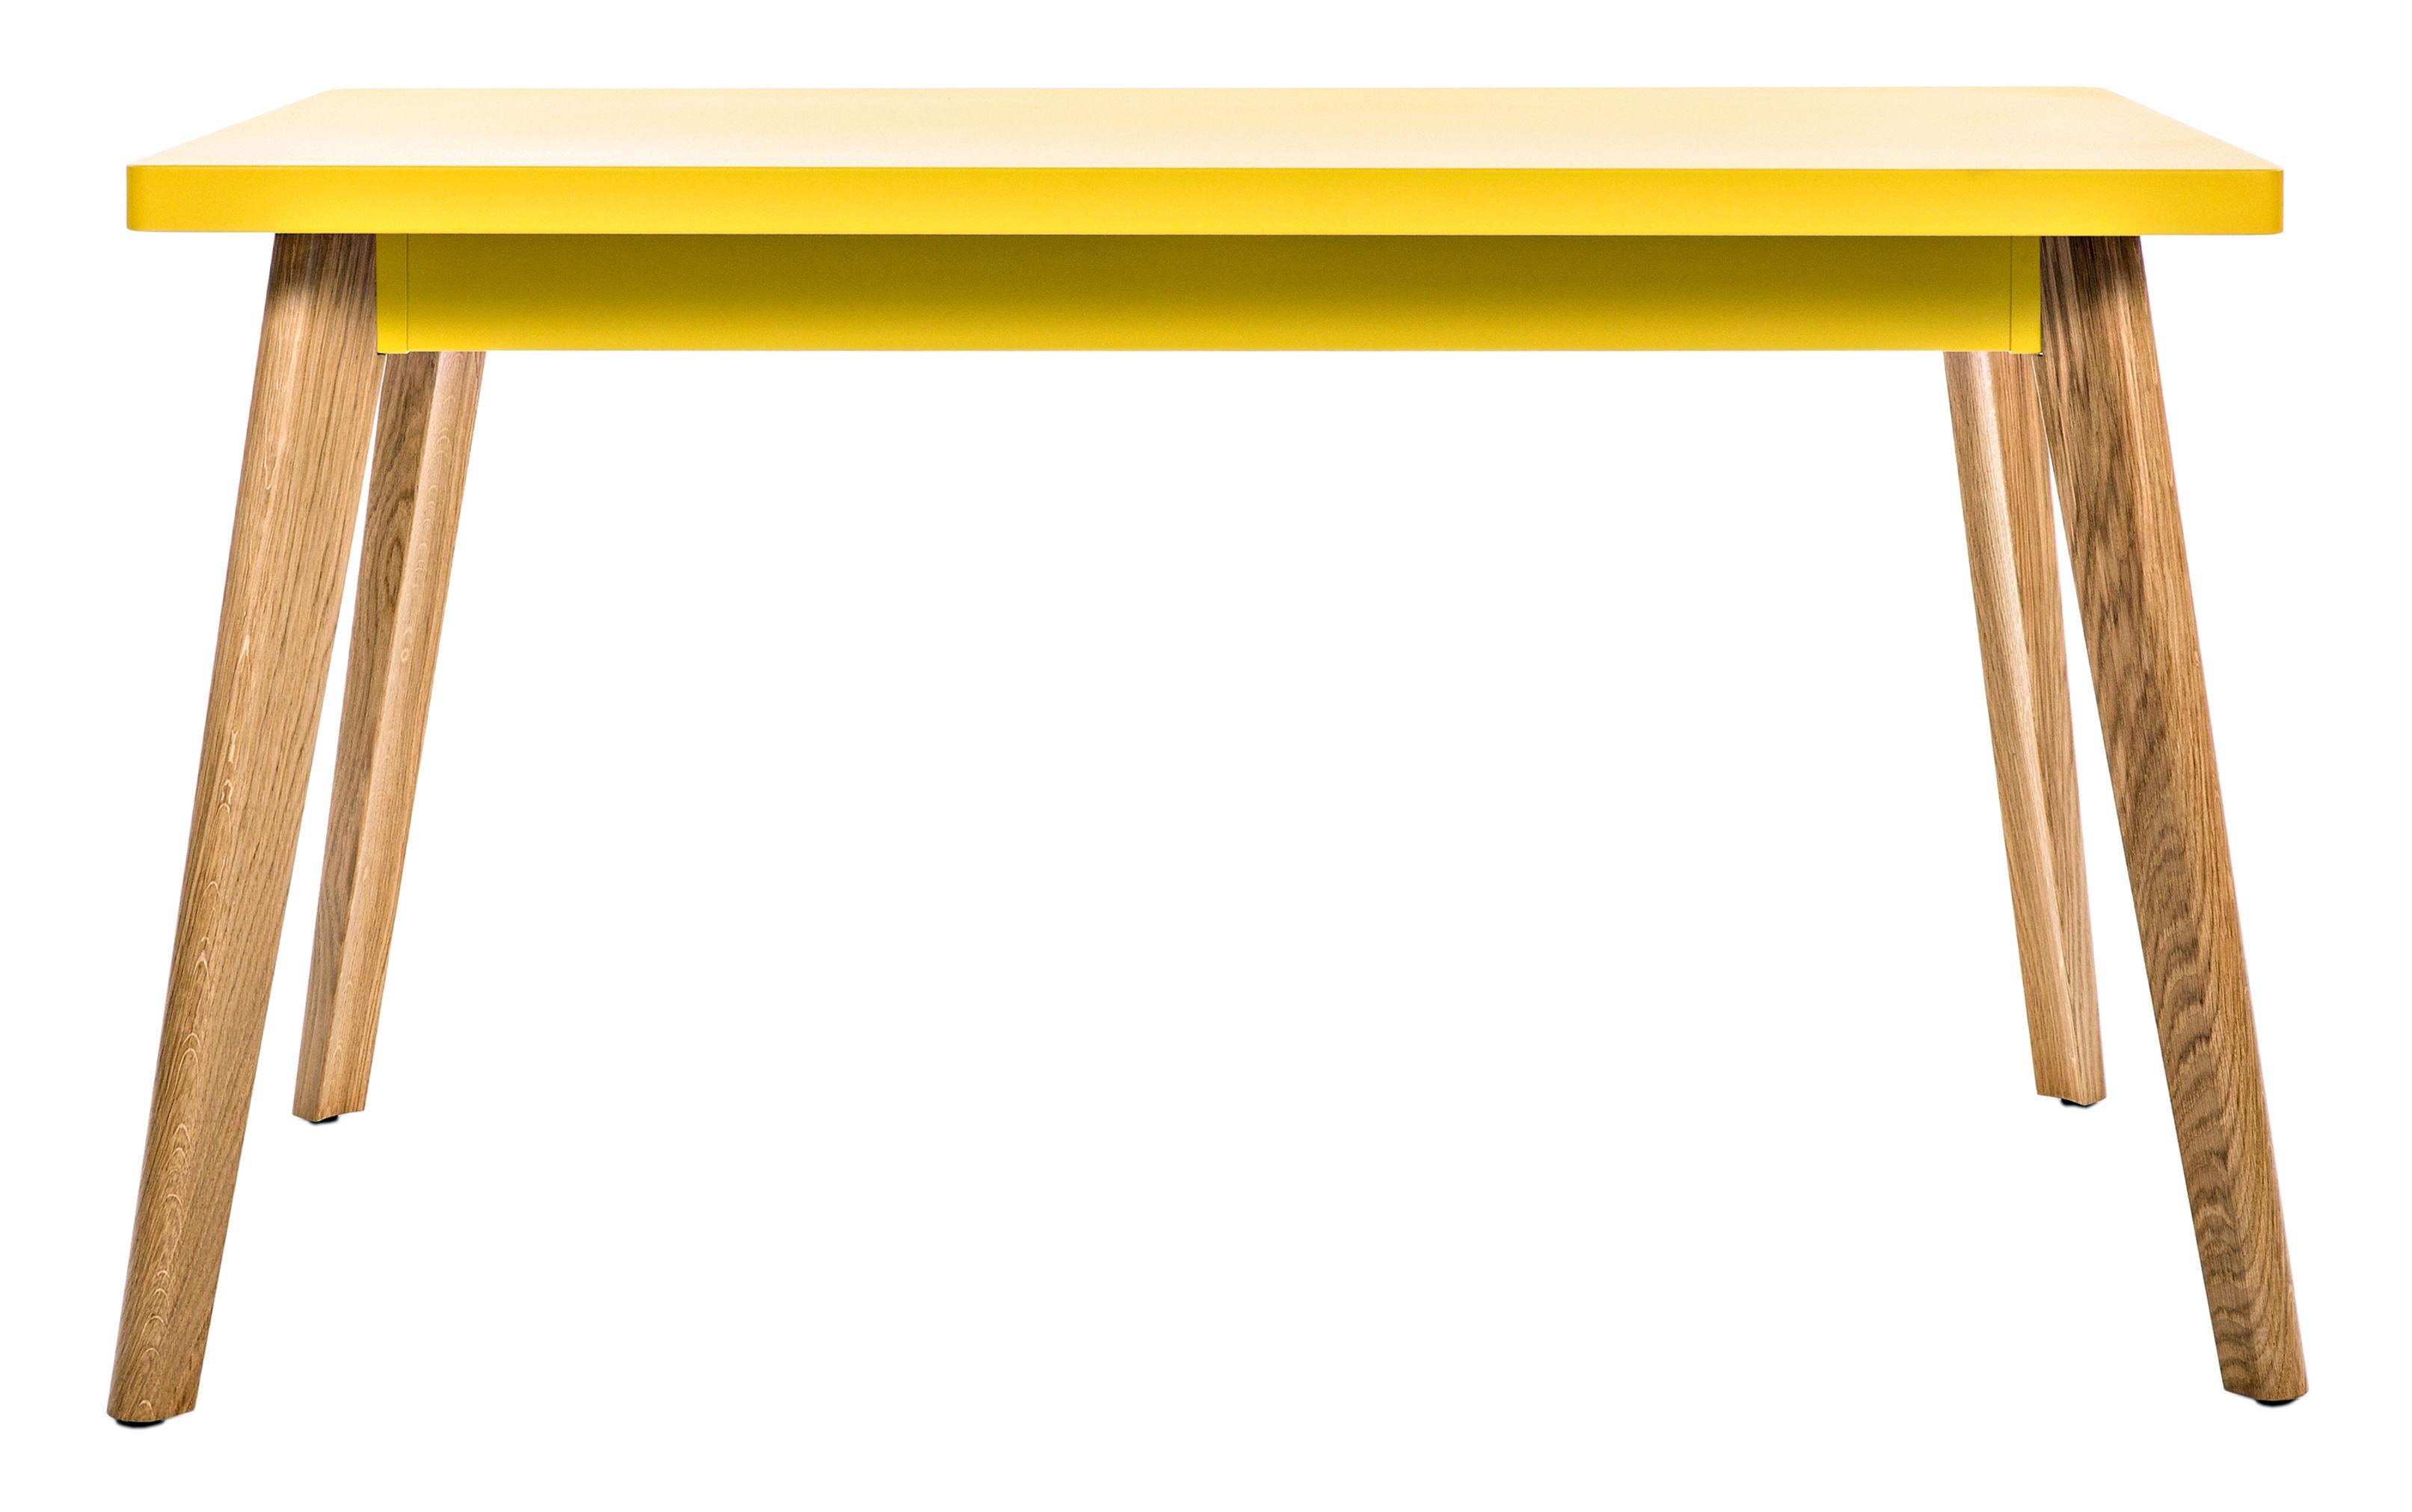 Tendances - Autour du repas - Table rectangulaire 55 / 130 x 70 cm - Métal & pieds bois - Tolix - Citron / Pieds bois - Acier recyclé laqué, Chêne massif